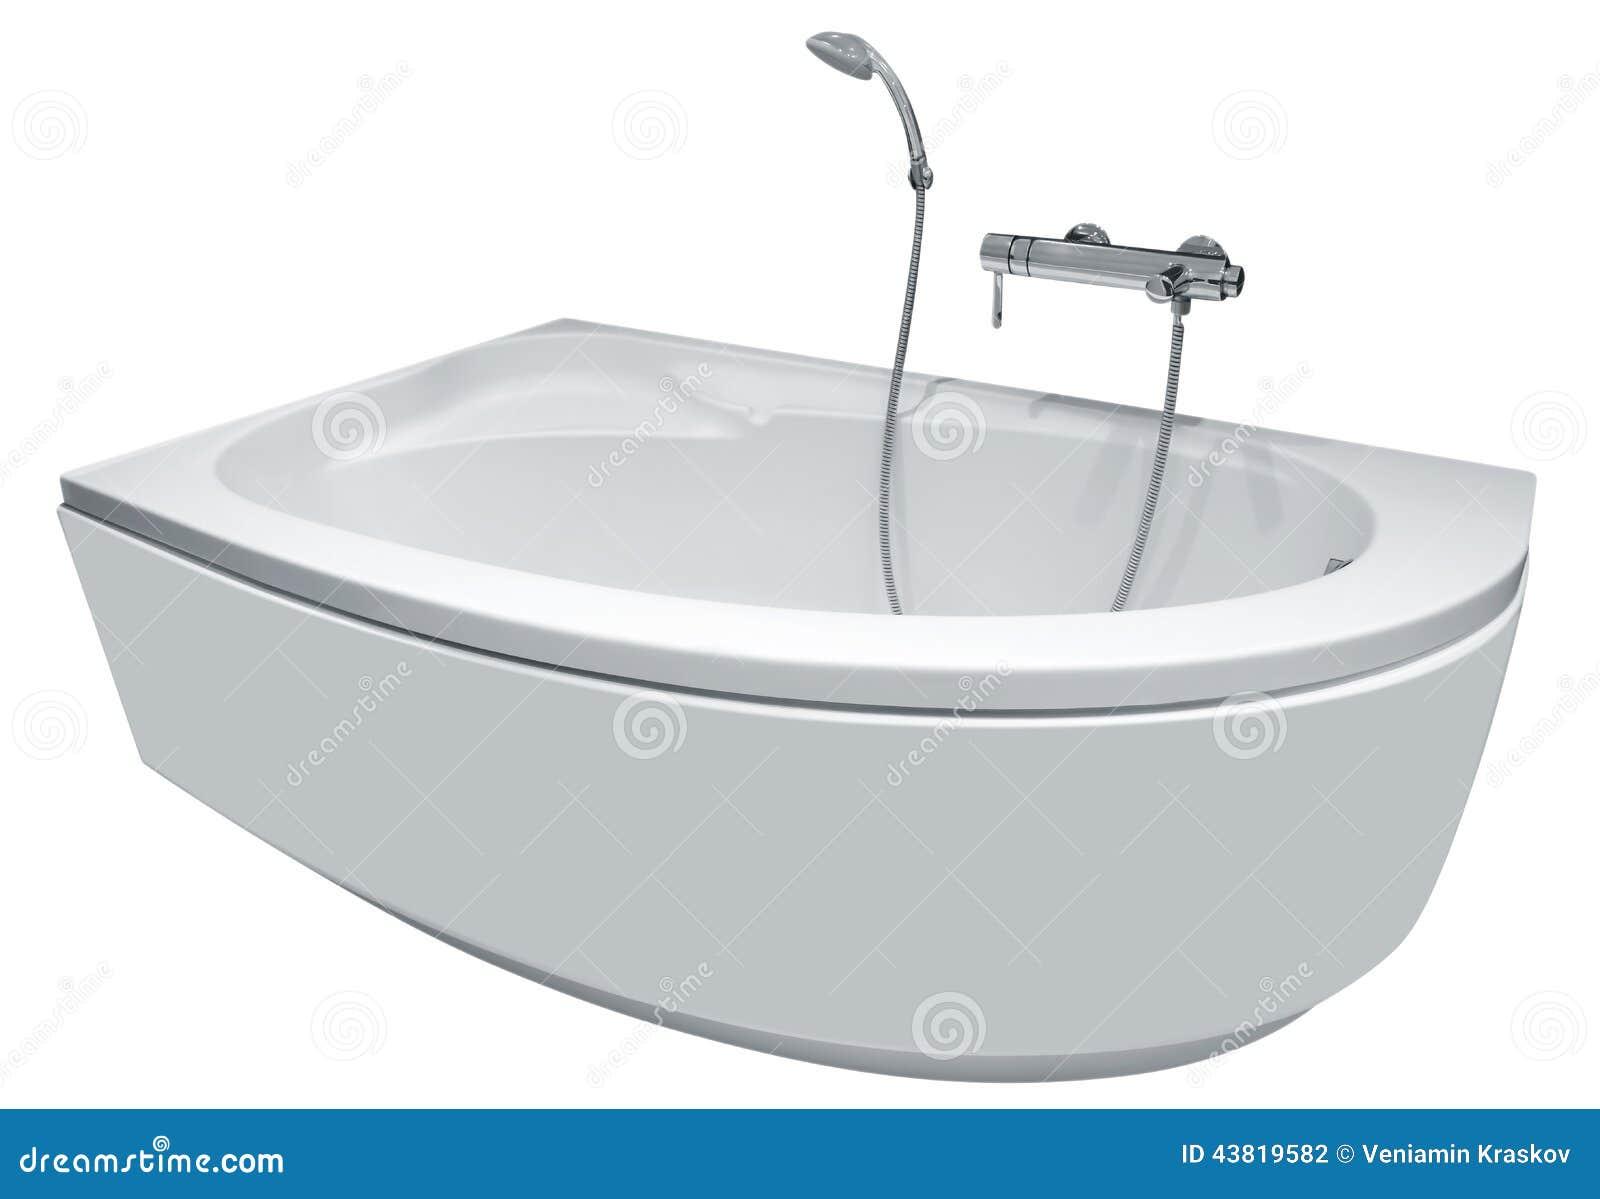 moderne badewanne mit dusche stockfoto bild von. Black Bedroom Furniture Sets. Home Design Ideas